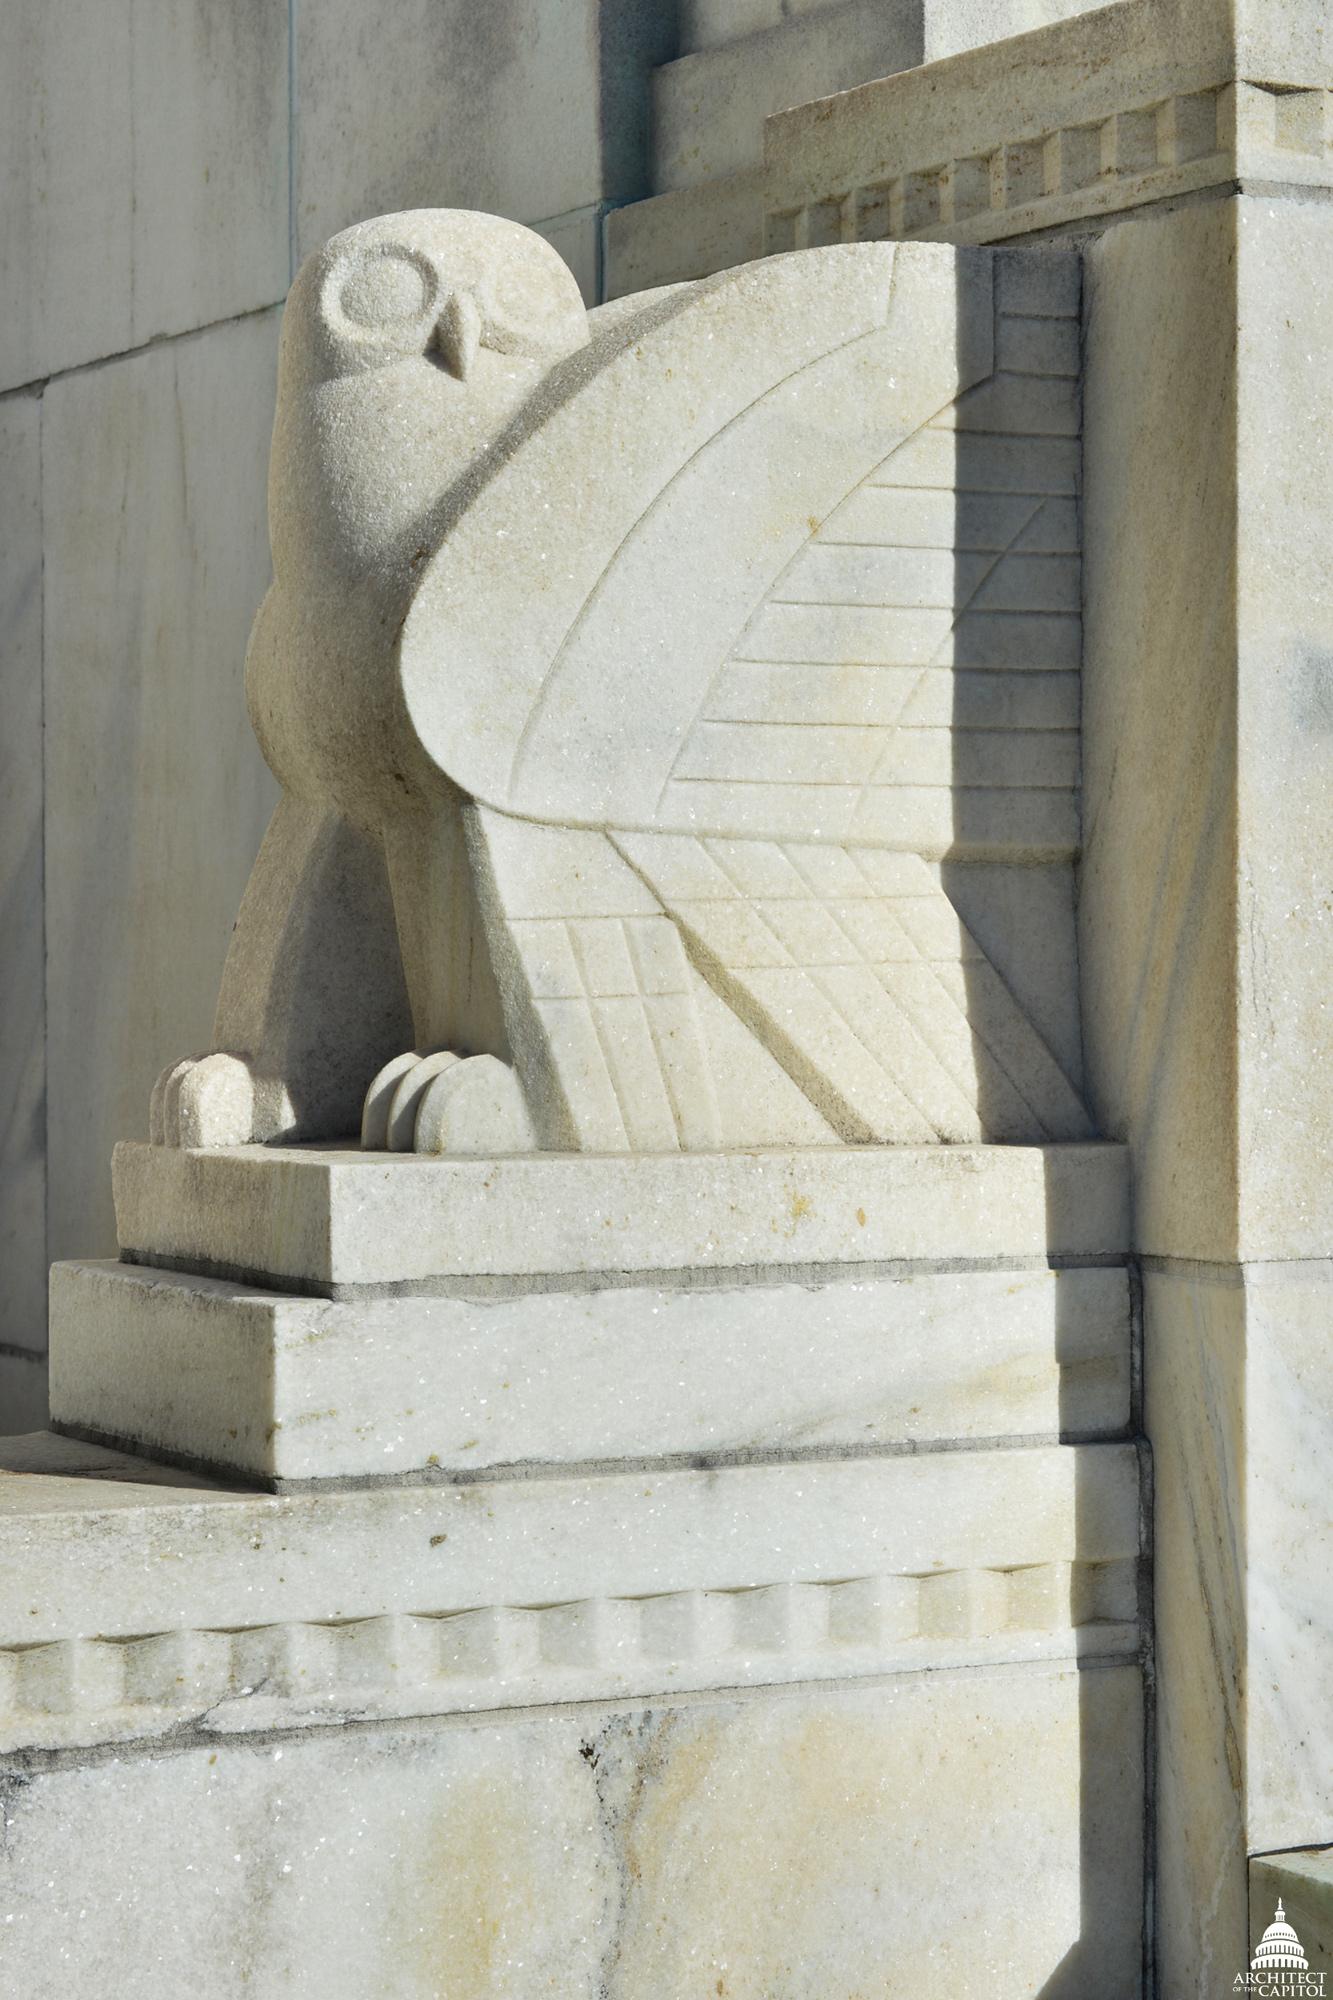 Adams Building south entrance owl motif.